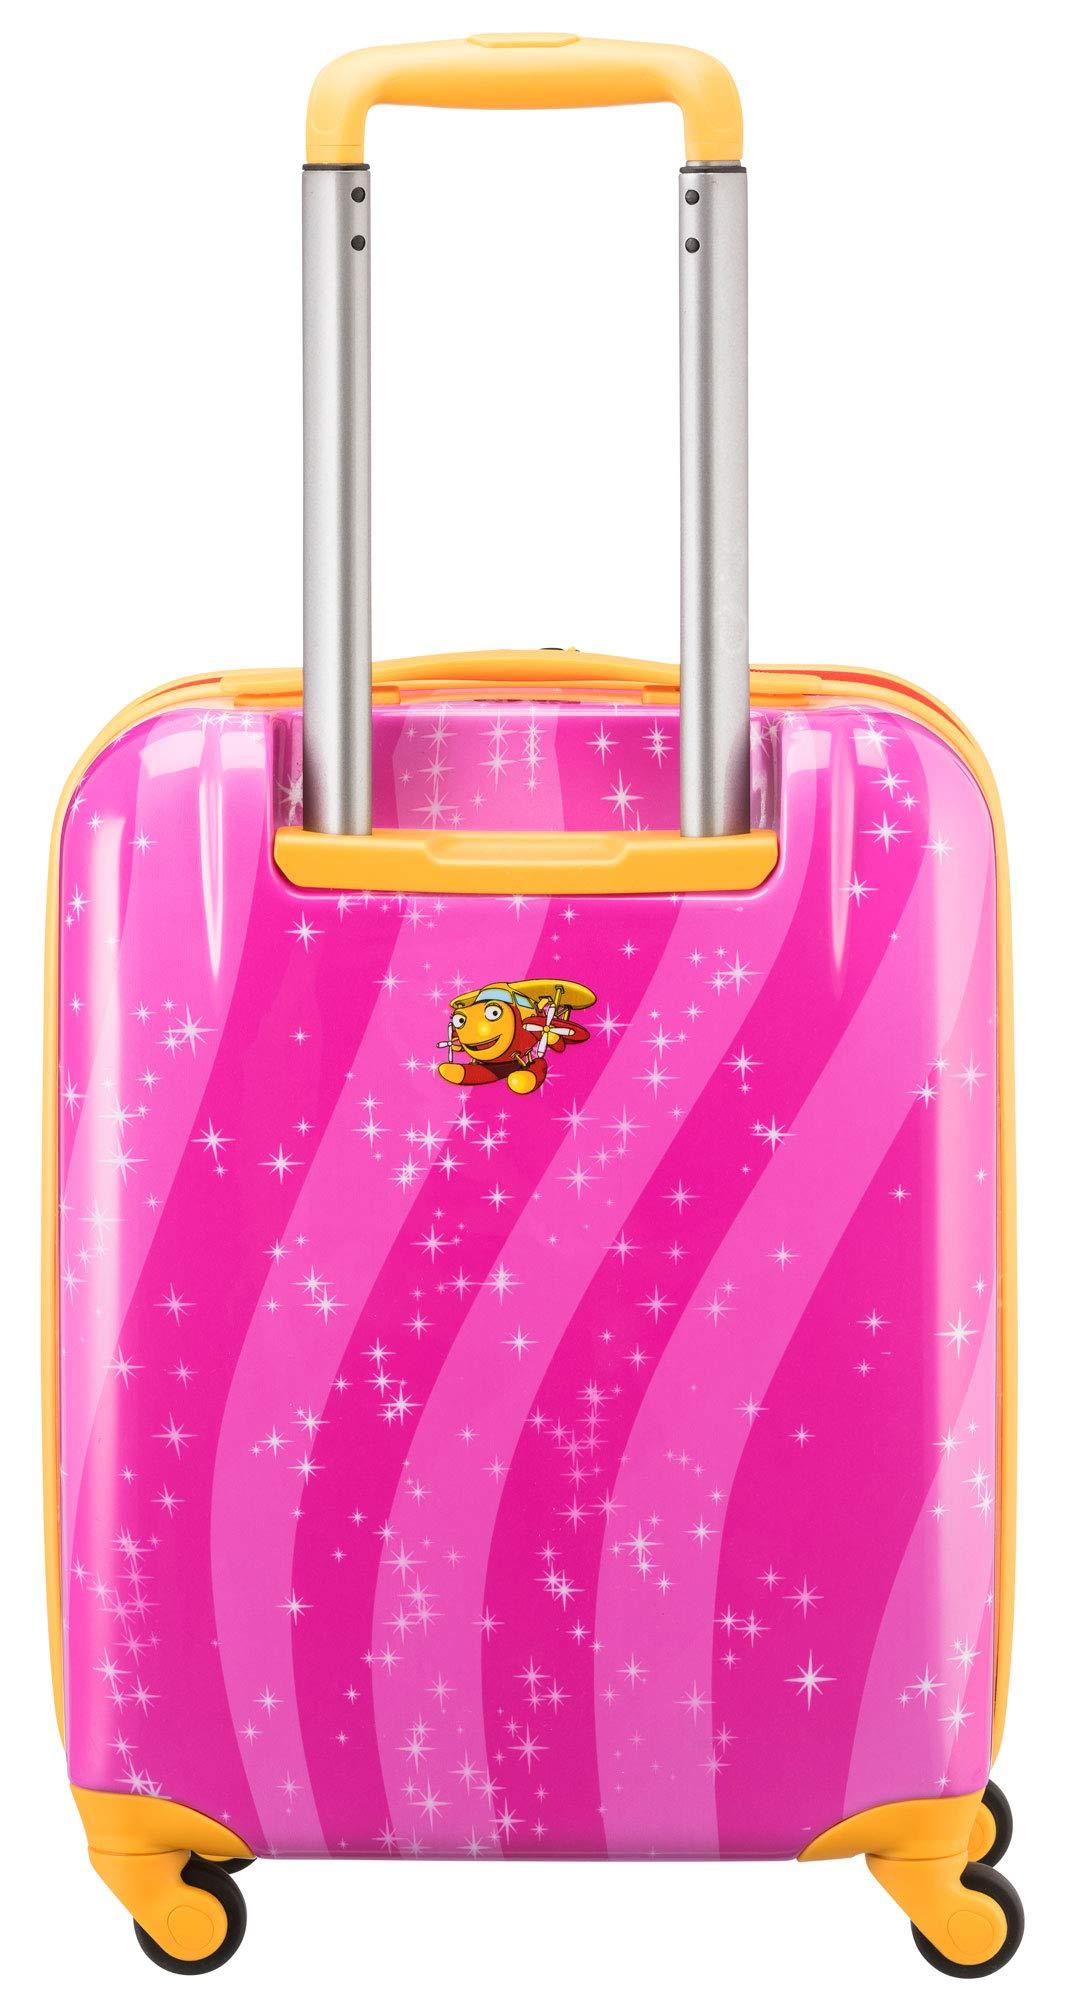 Travelite-Robuste-frhliche-Kinderkoffer-und-Gepckstcke-Helden-der-Stadt-machen-jede-Reise-zum-Abenteuer-Kindergepck